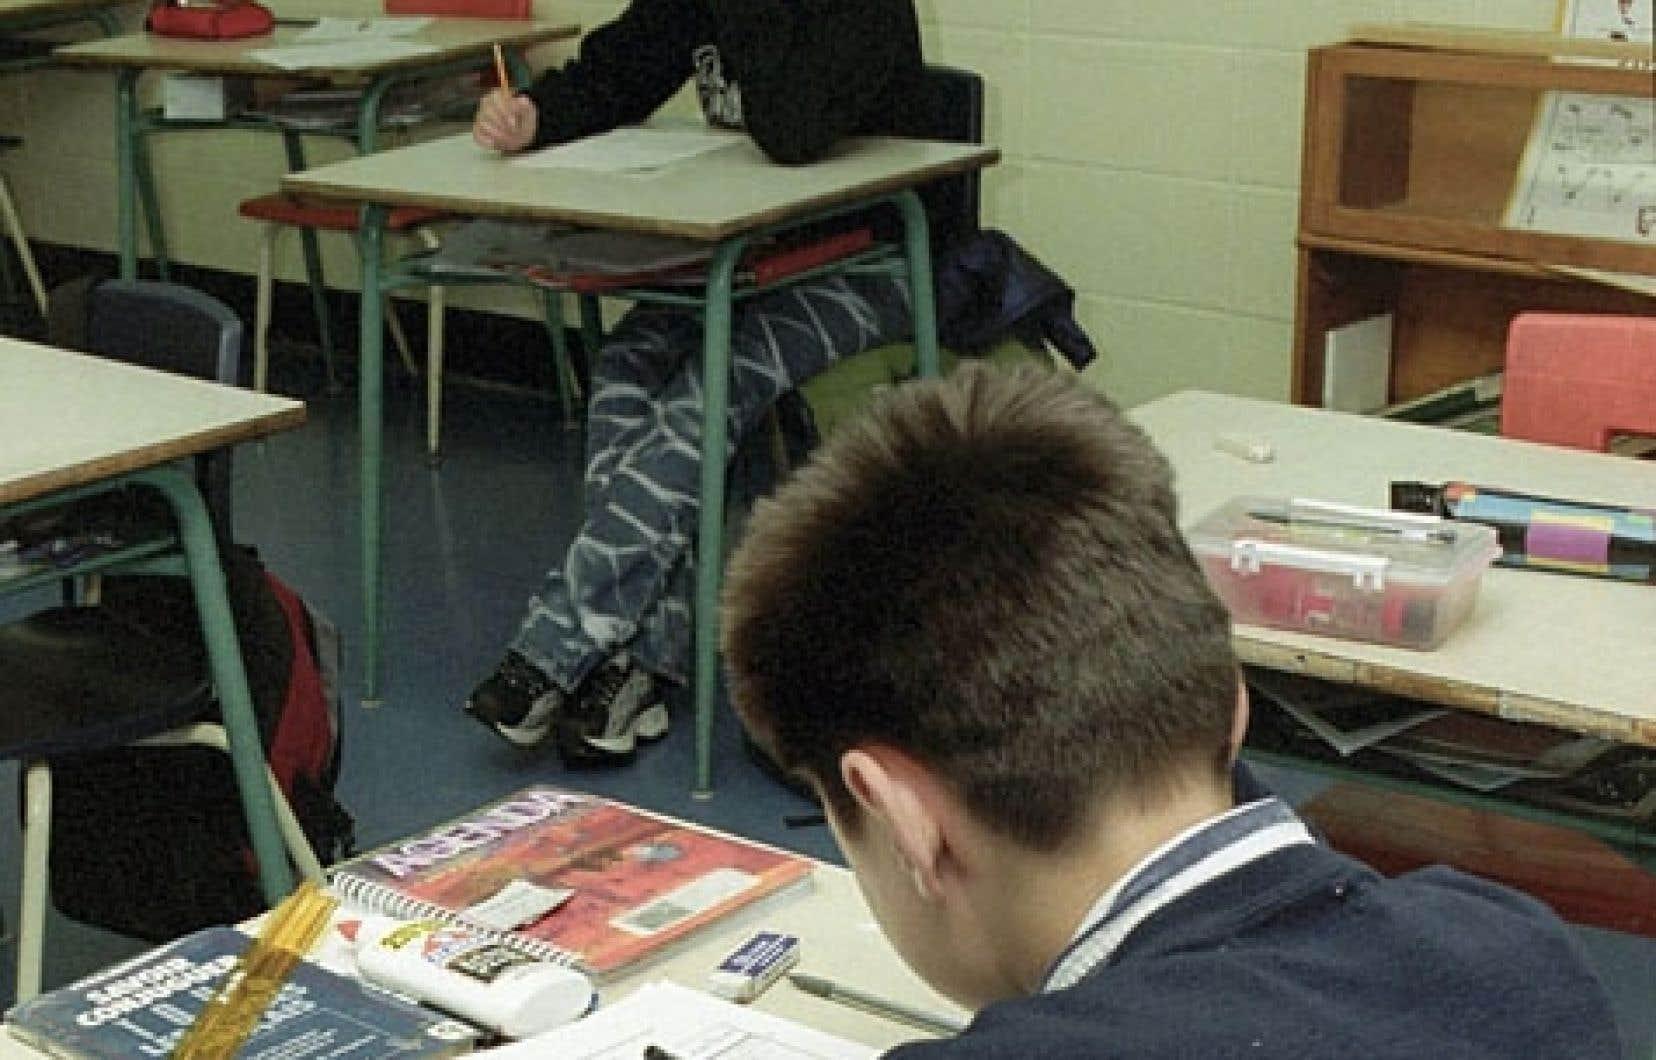 L'Association québécoise pour l'enseignement en univers social (AQEUS) dénonce un projet de cours d'histoire qu'elle juge trop politique.